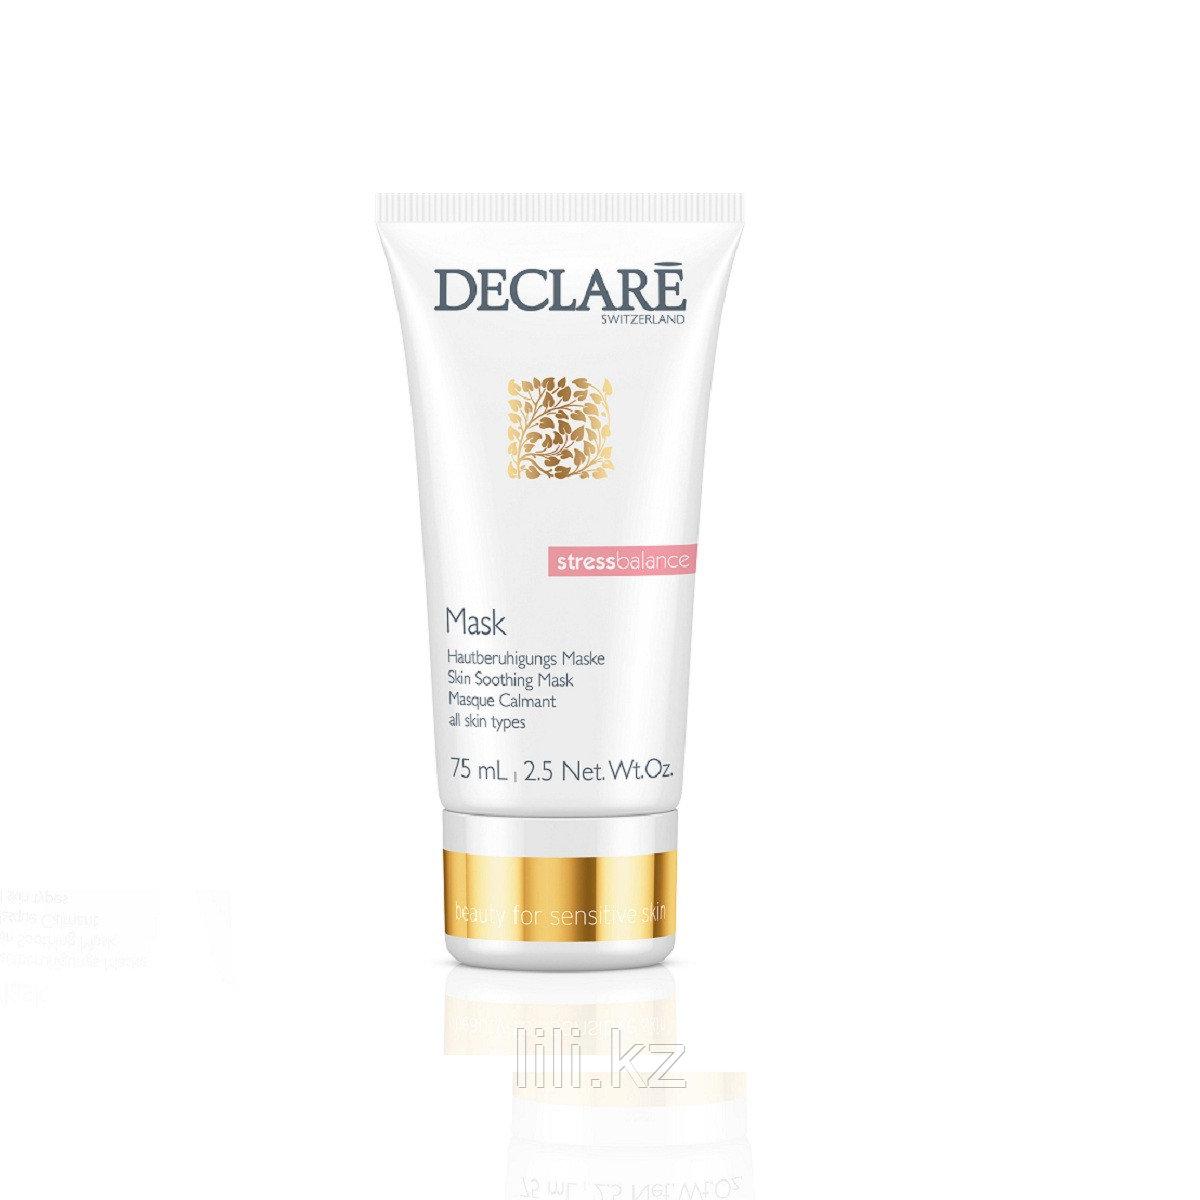 Успокаивающая маска - антистресс для всех типов кожи DECLARE Skin Soothing Mask 75 мл.